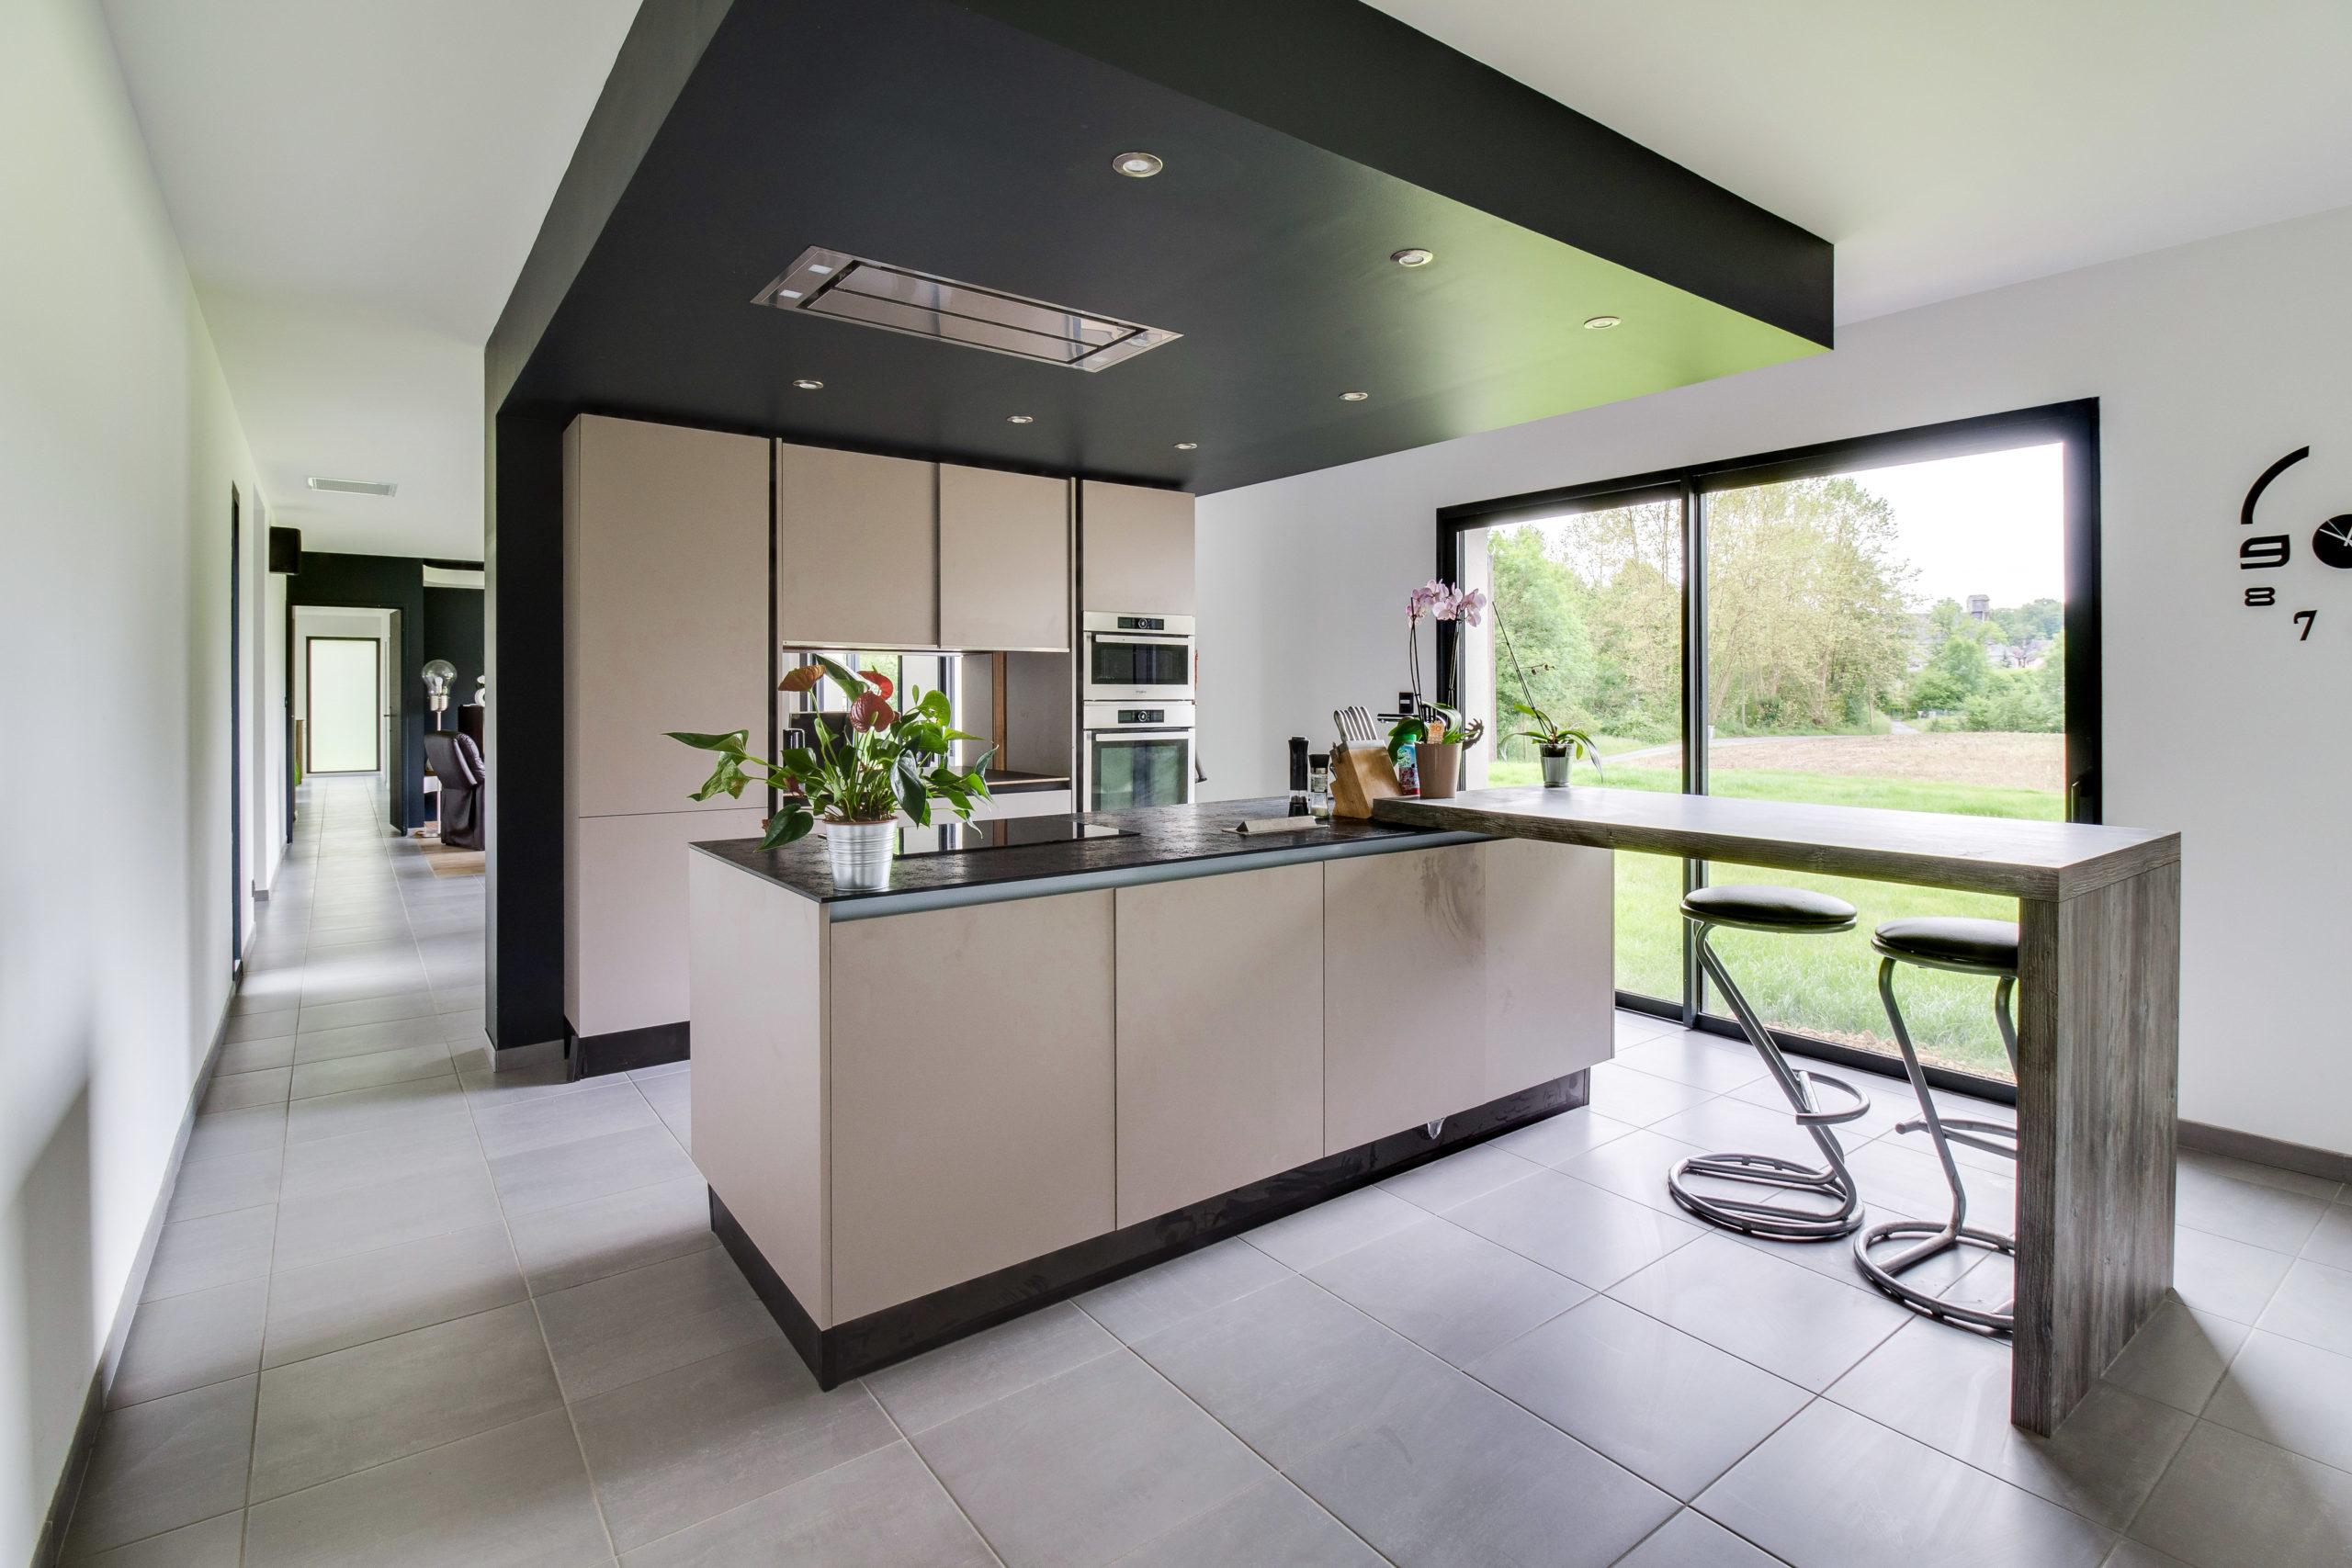 Atelier-Plurielles-architectures-construction-maison-Bearn-cuisine